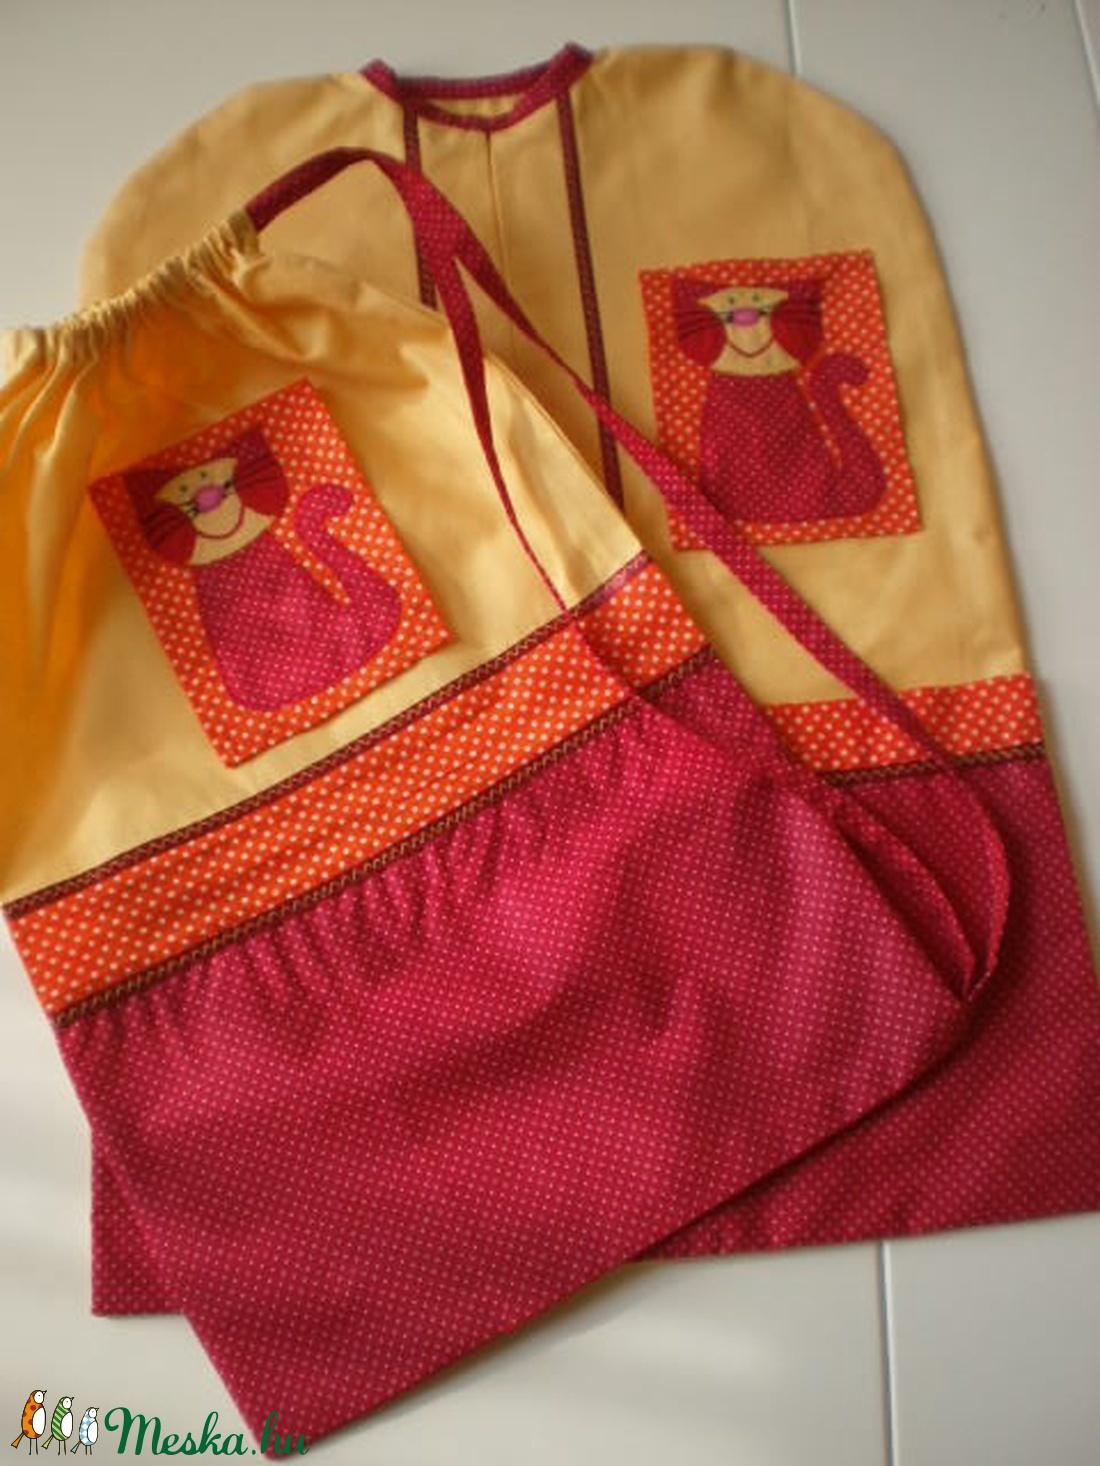 RENDELHETŐ! Piros-narancs pettyes ovisák- tornazsák szett  cica jellel - ovi- és sulikezdés - ovis zsák & ovis szett - óvodai szett - Meska.hu